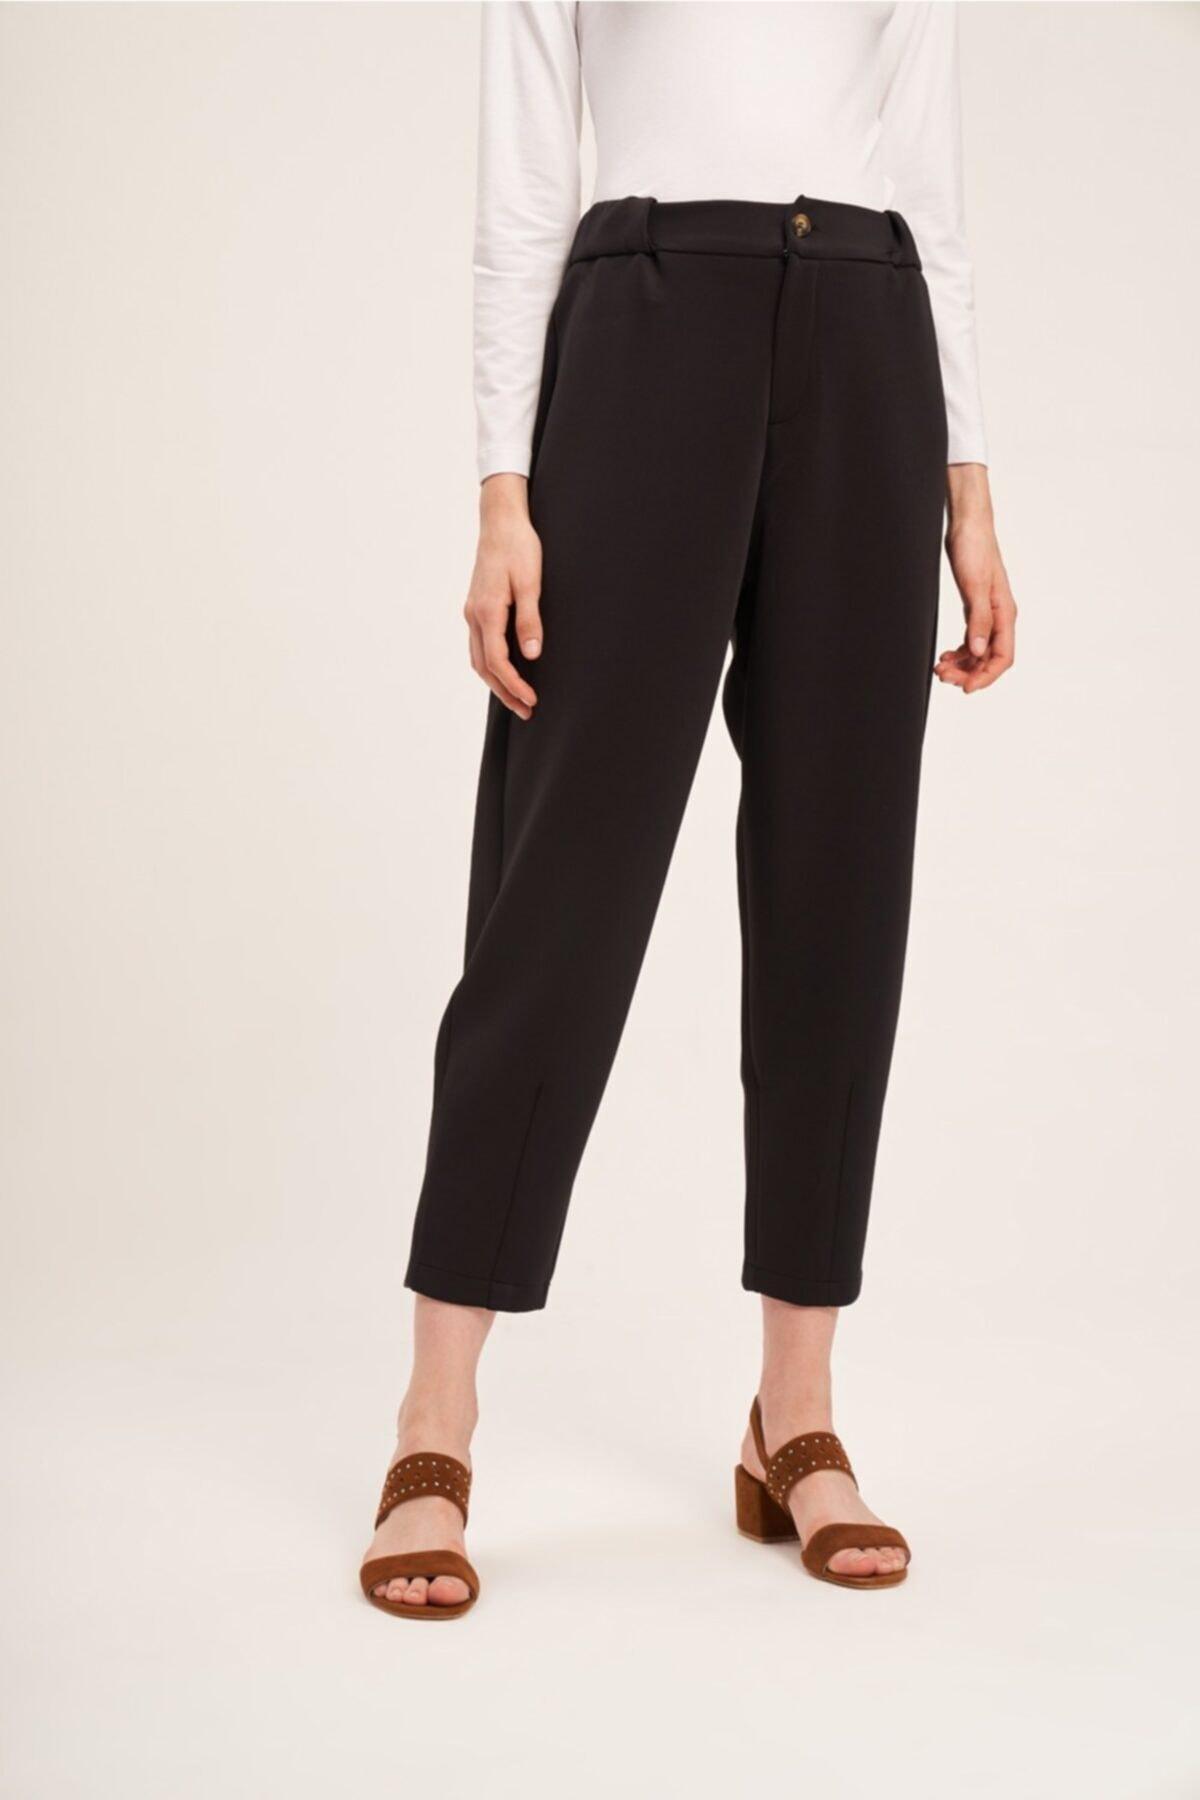 Mizalle Üç İplik Önü Düğmeli Pantolon (Siyah) 2